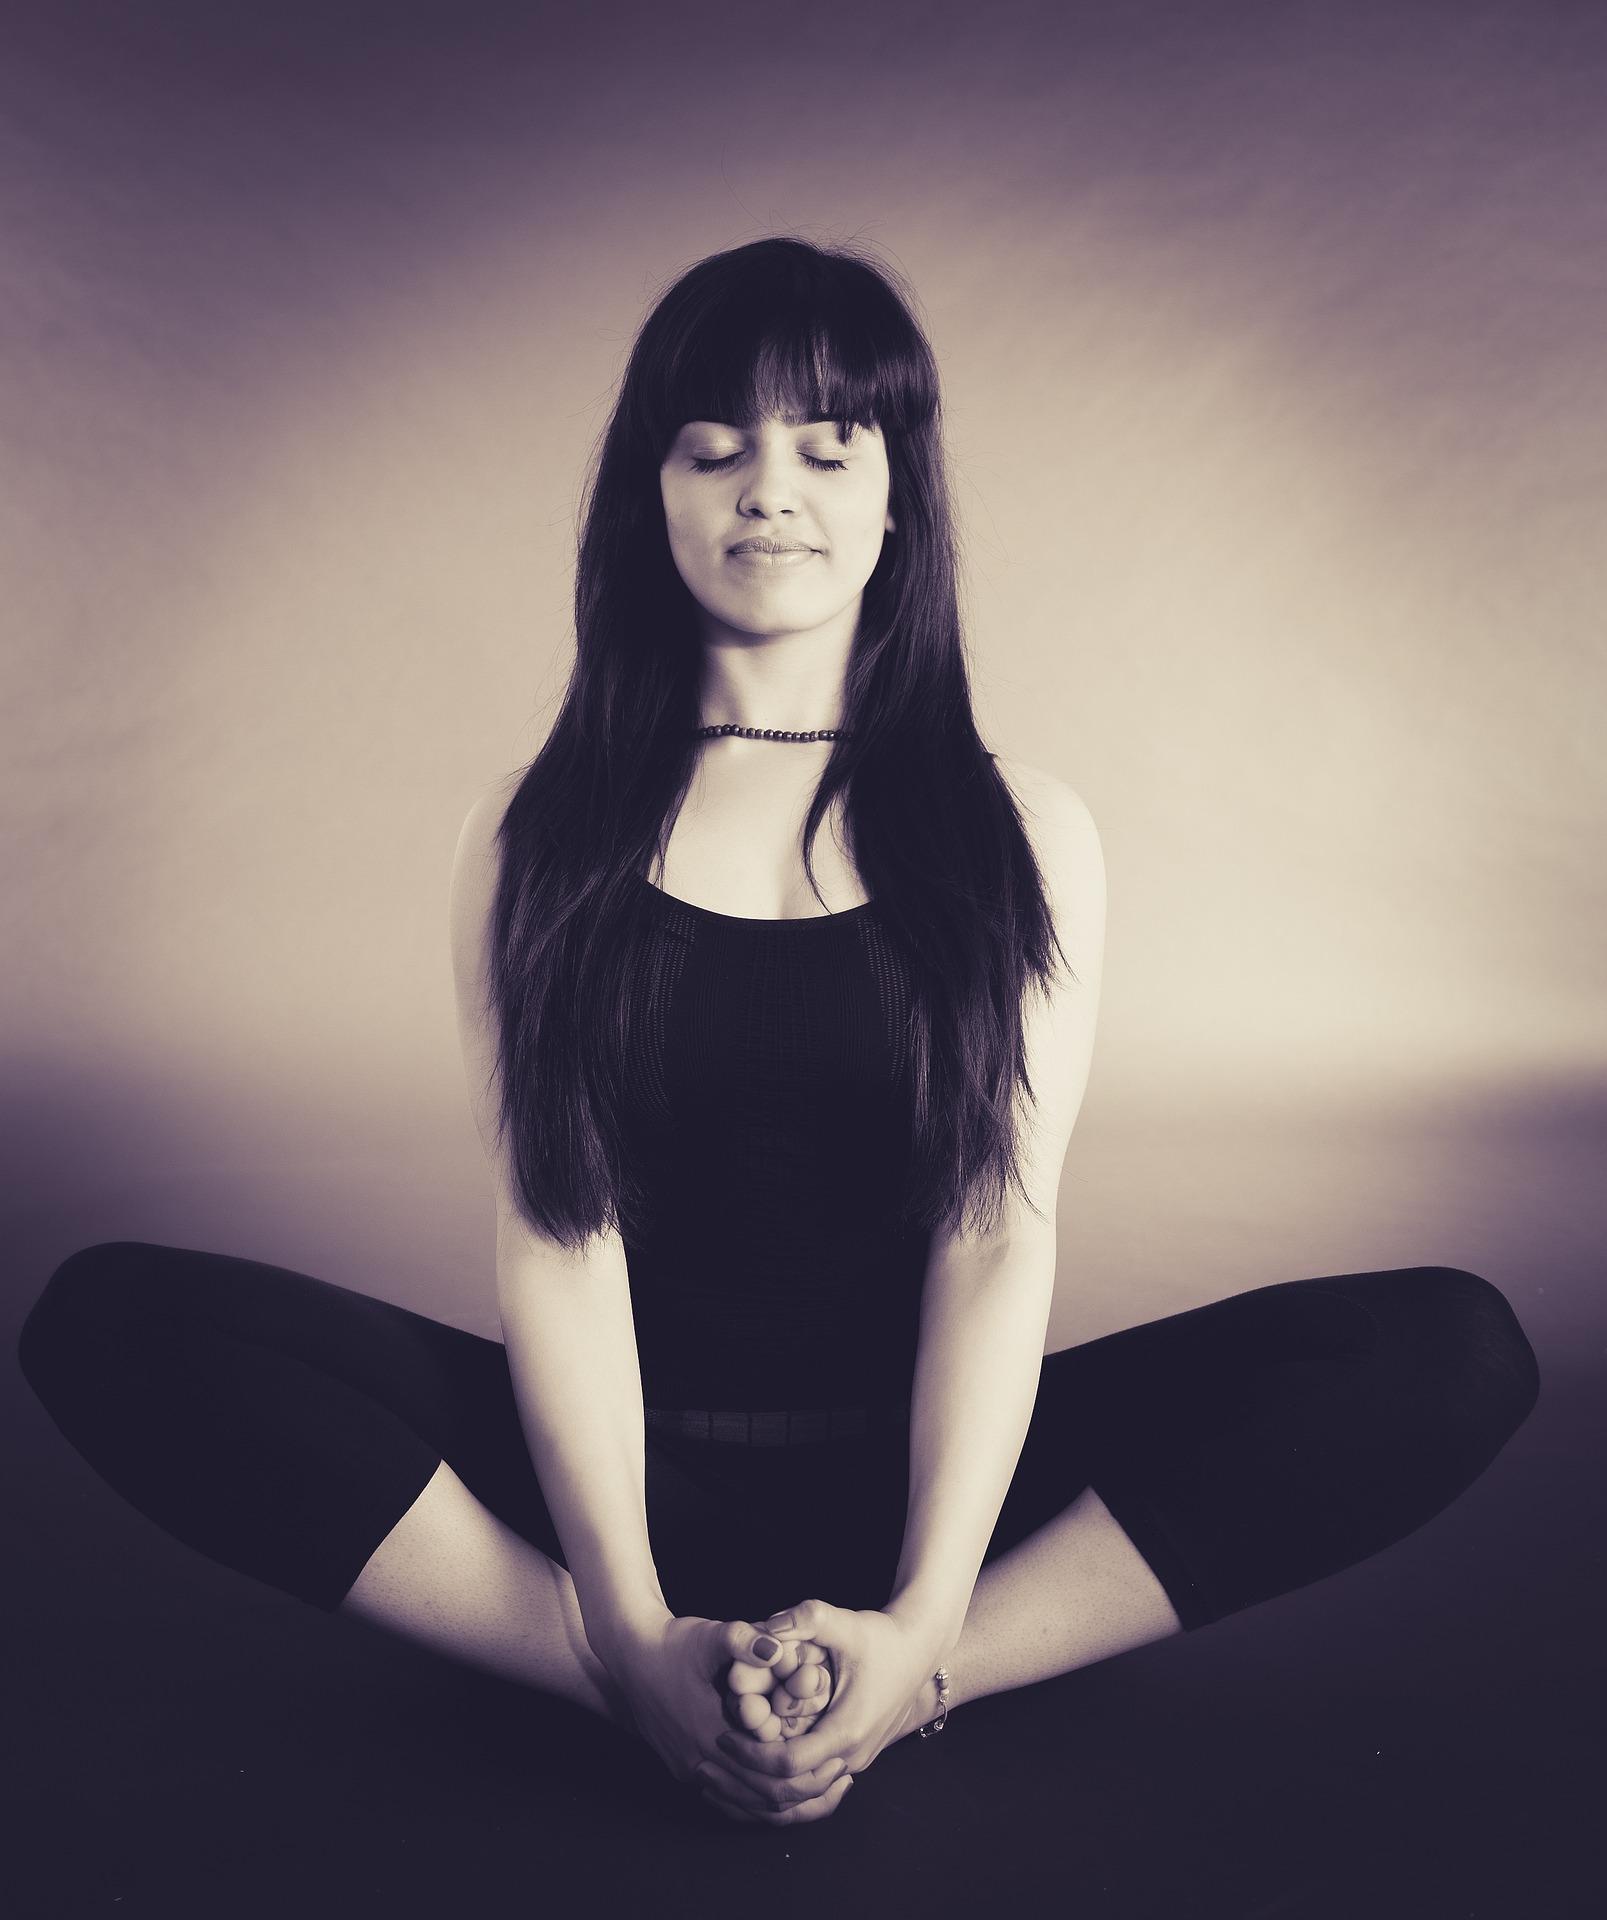 8 - L'ottavo consiglio è praticare un'espansione di coscienza.